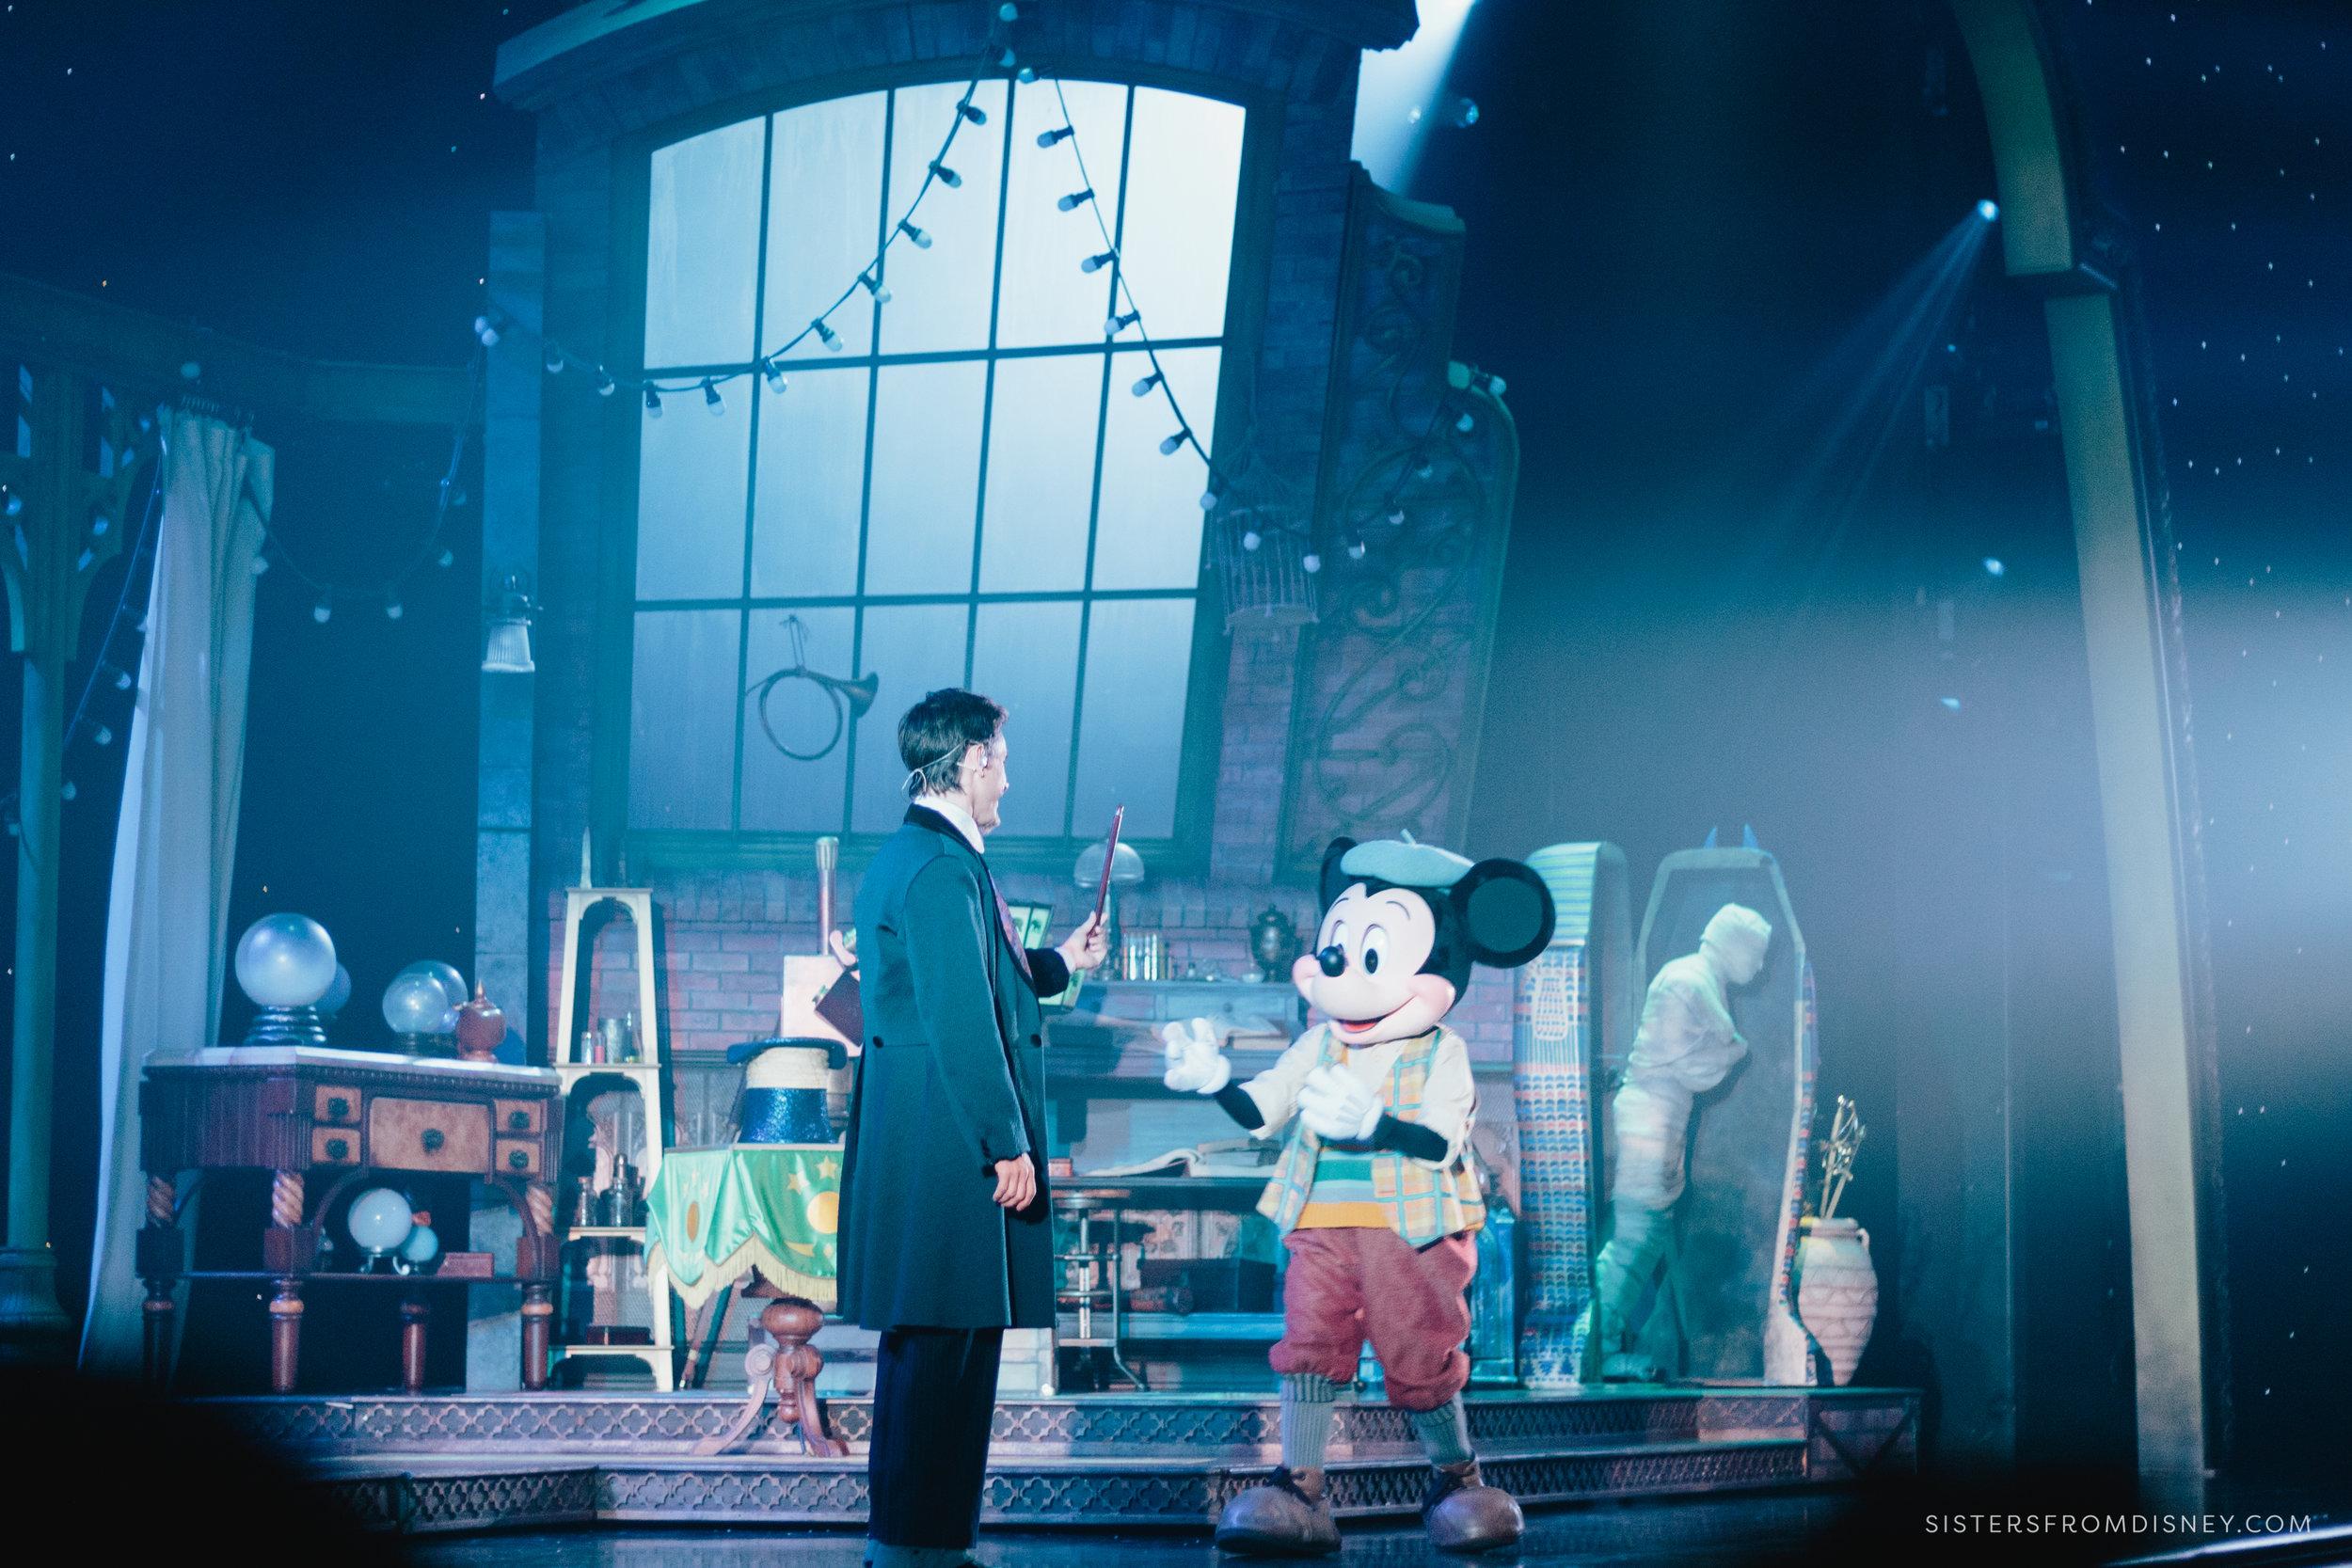 2018June_SFDblog_DisneylandParis_Watermark-3206.jpg